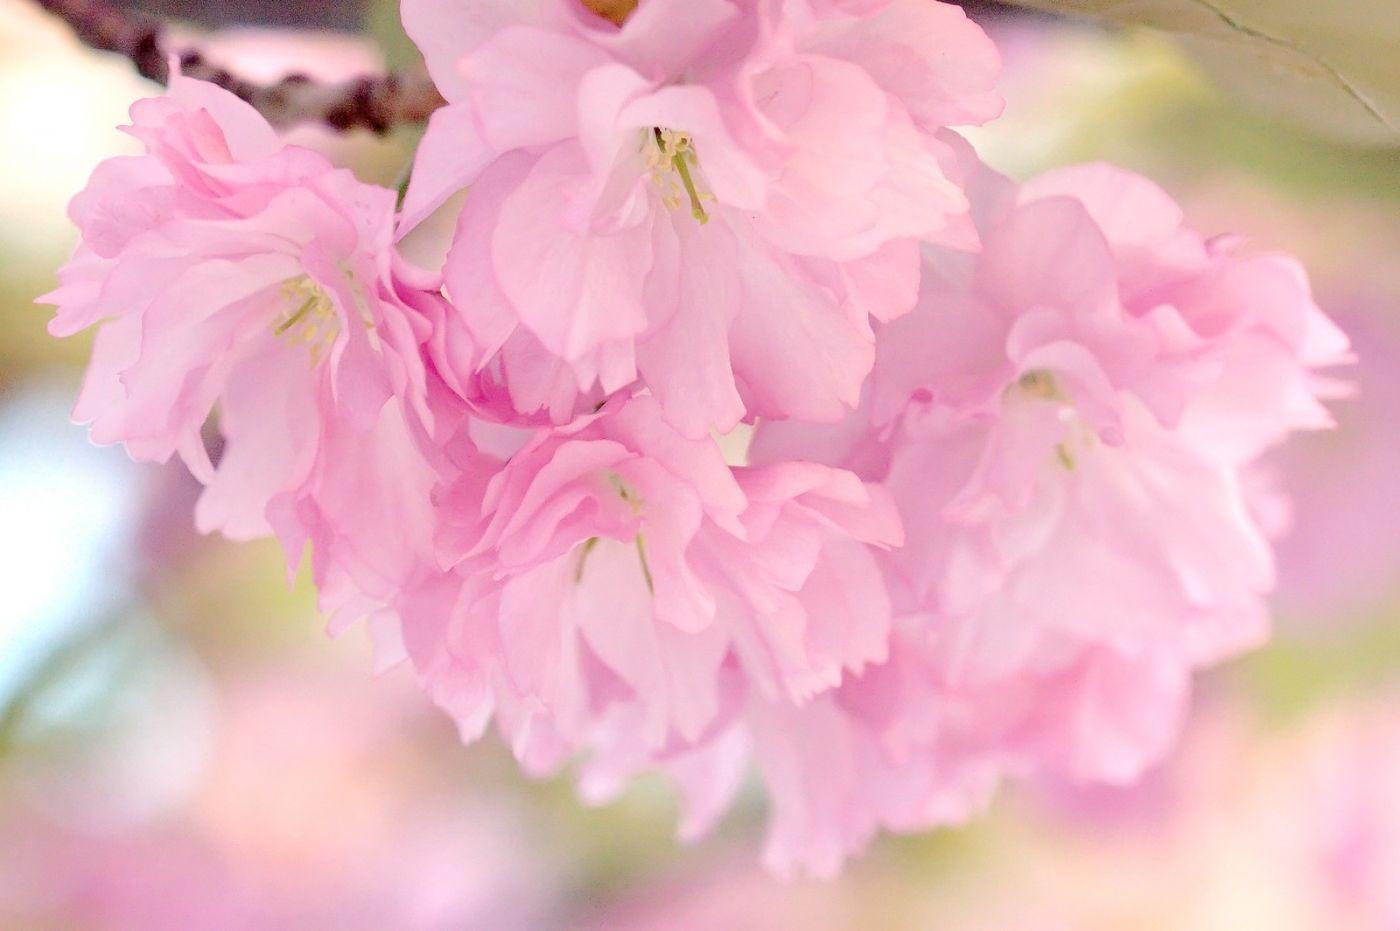 粉红的水嫩的,好看极了_图1-14